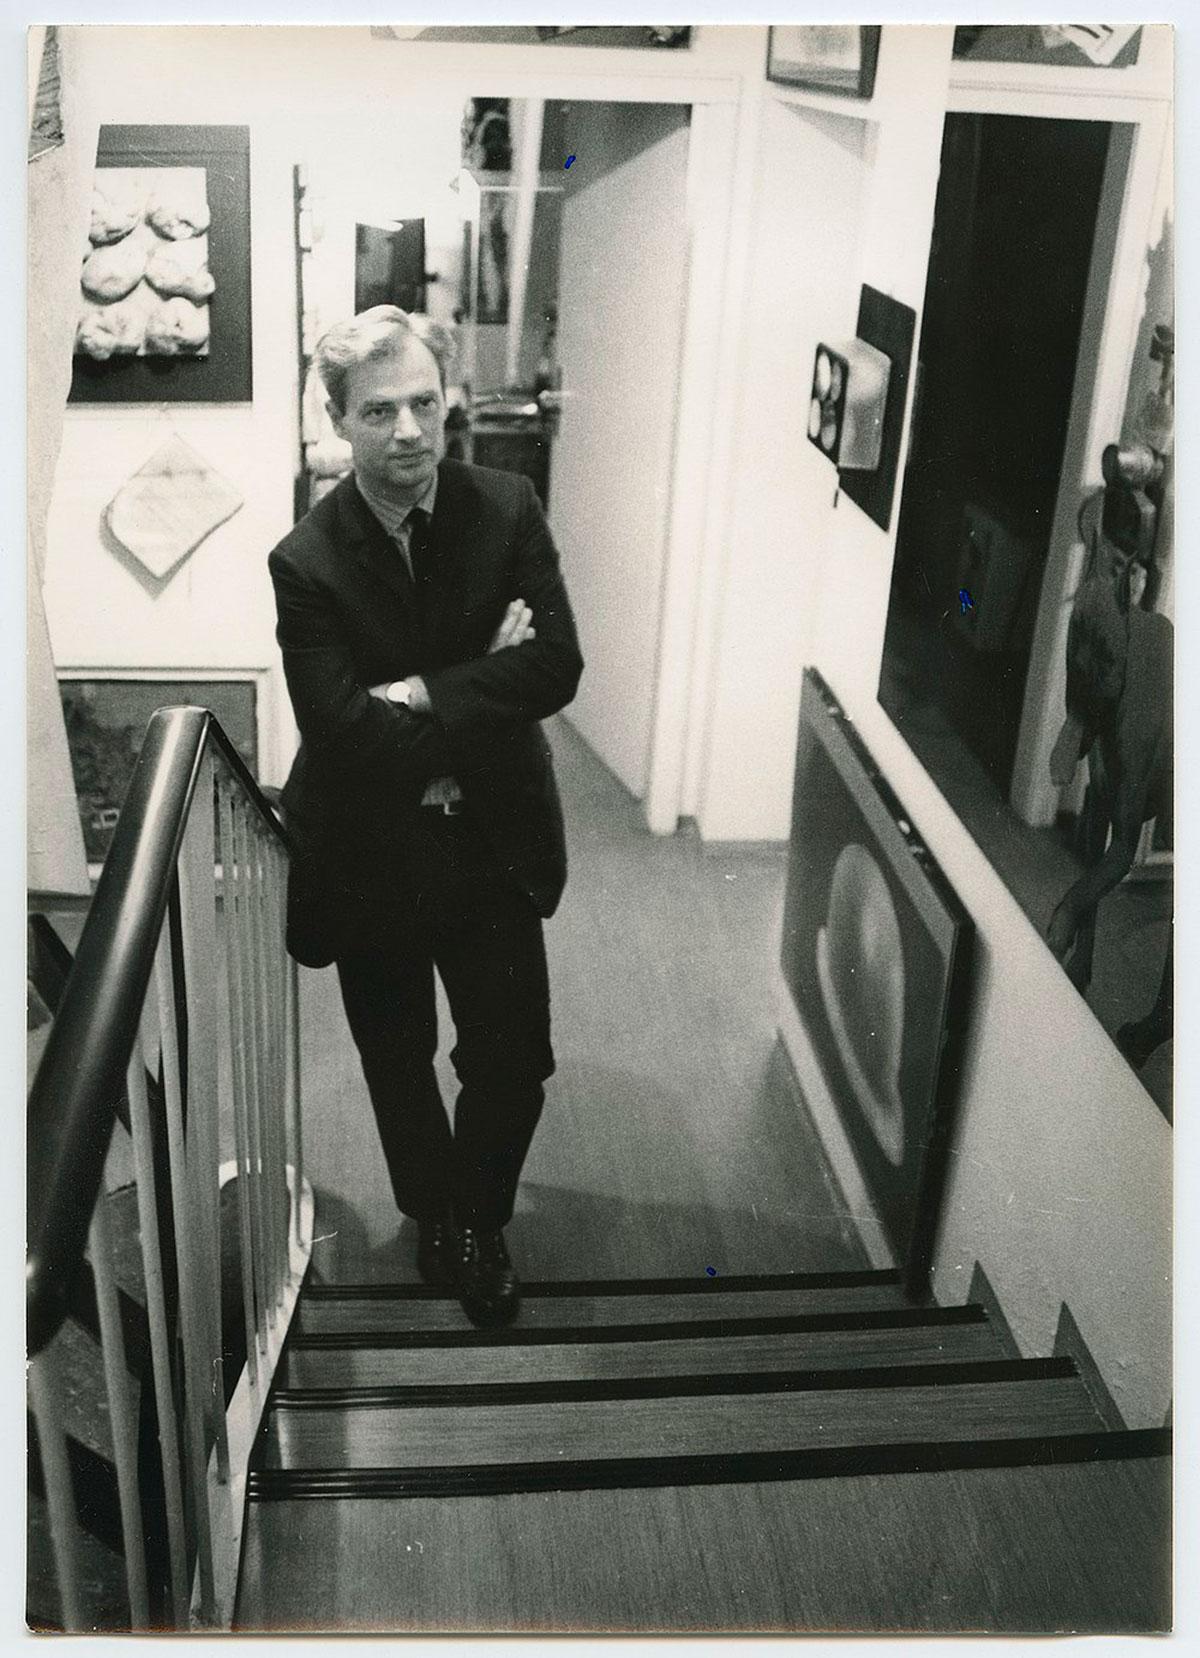 Im Hause Hahn, Hahn auf der Treppe, 1968, © Zentralarchiv des internationalen Kunsthandels (ZADIK), FotografIn unbekannt